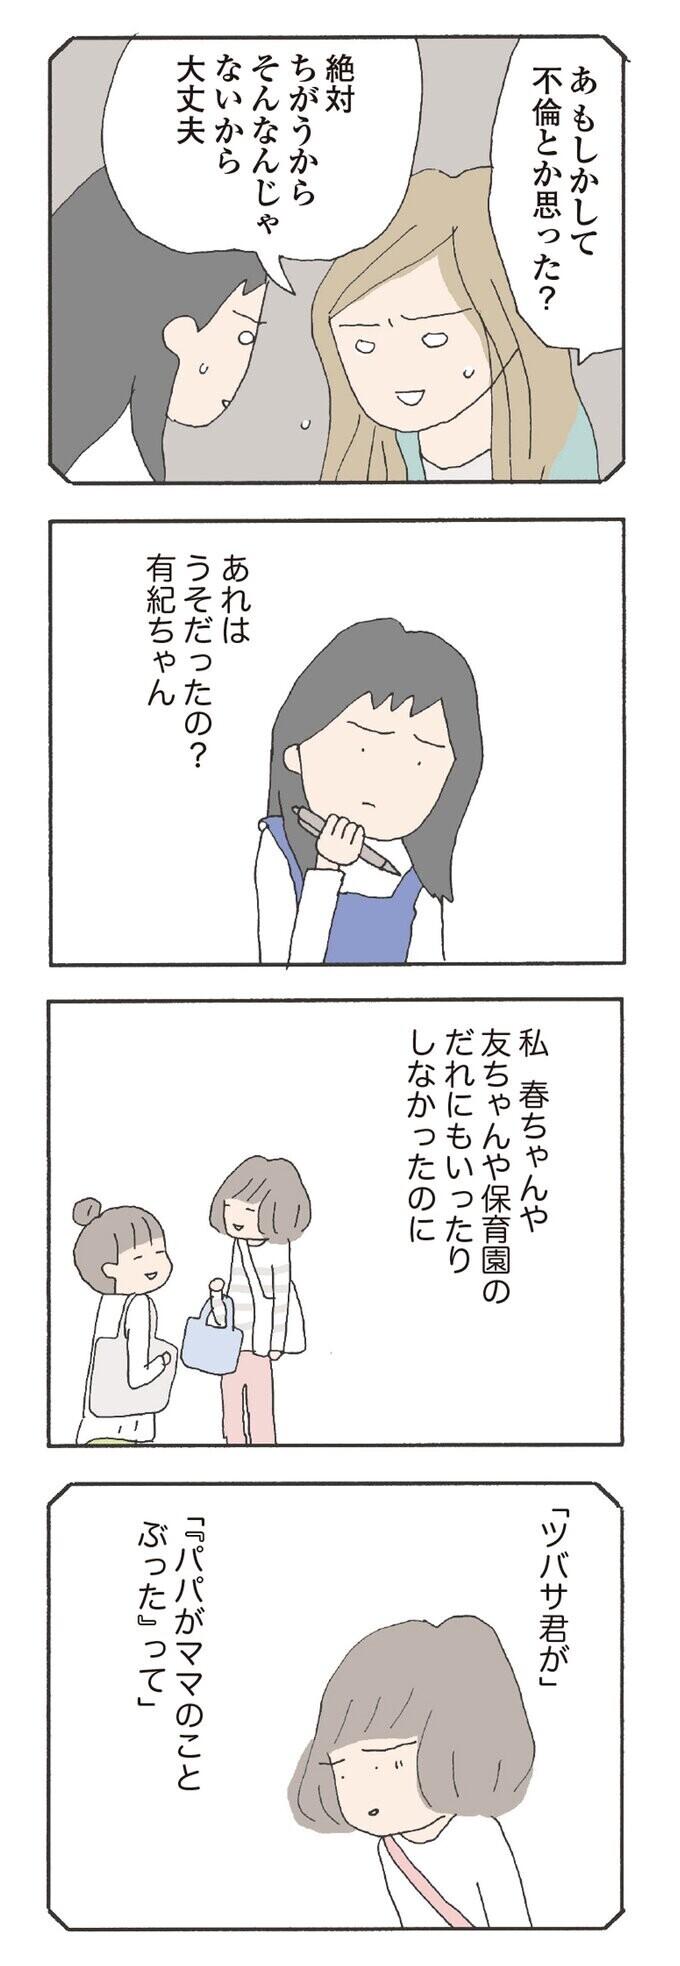 若い男といた有紀ちゃん…不倫じゃないって、嘘だったの?【消えたママ友 Vol.10】